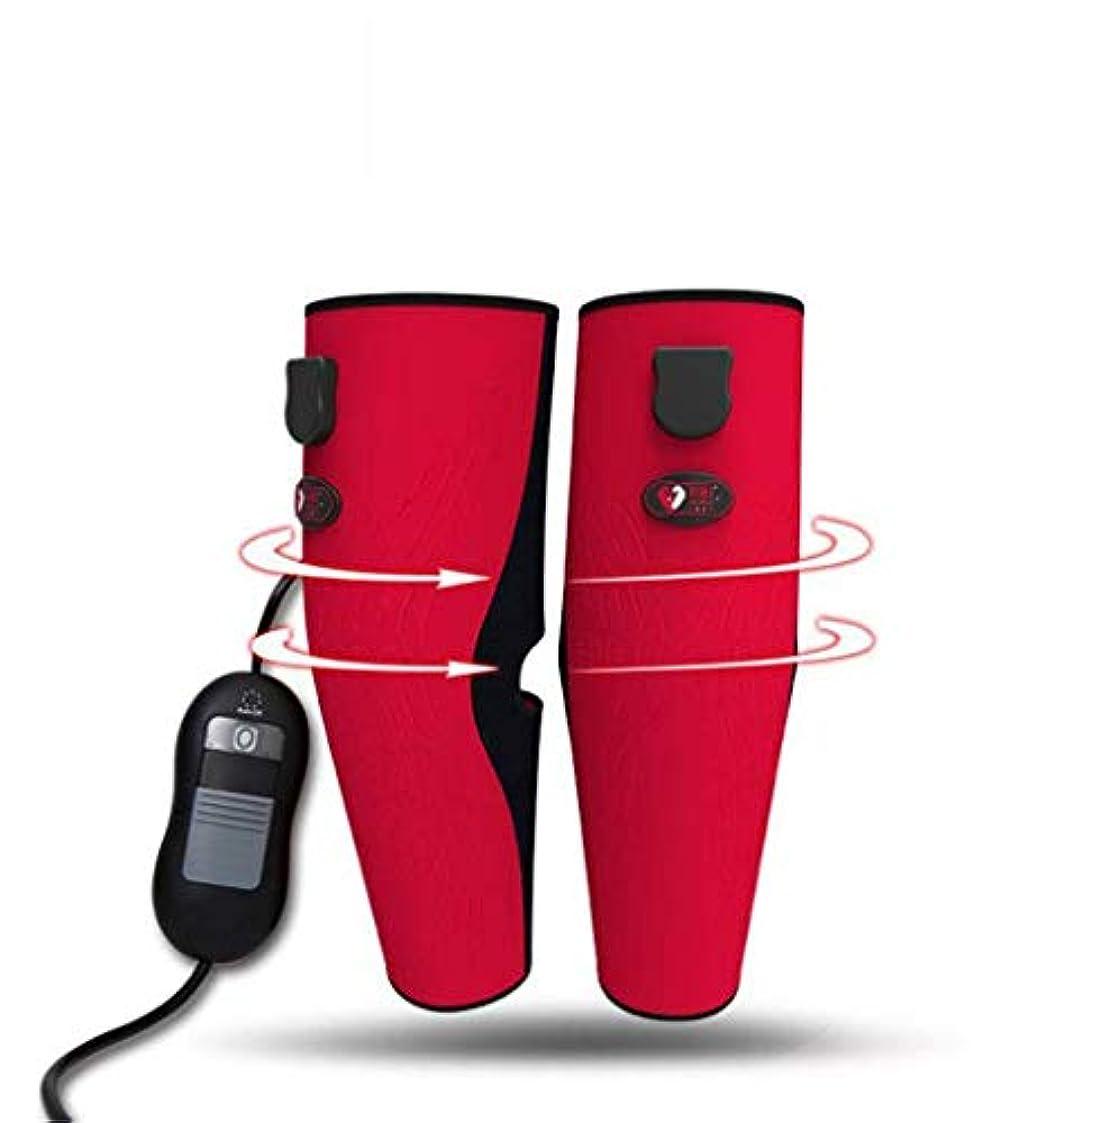 め言葉戦術浅い温められた足のマッサージャー、膝と足の痛みを和らげる治療装置、3モード温度制御の痛みを和らげる治療装置